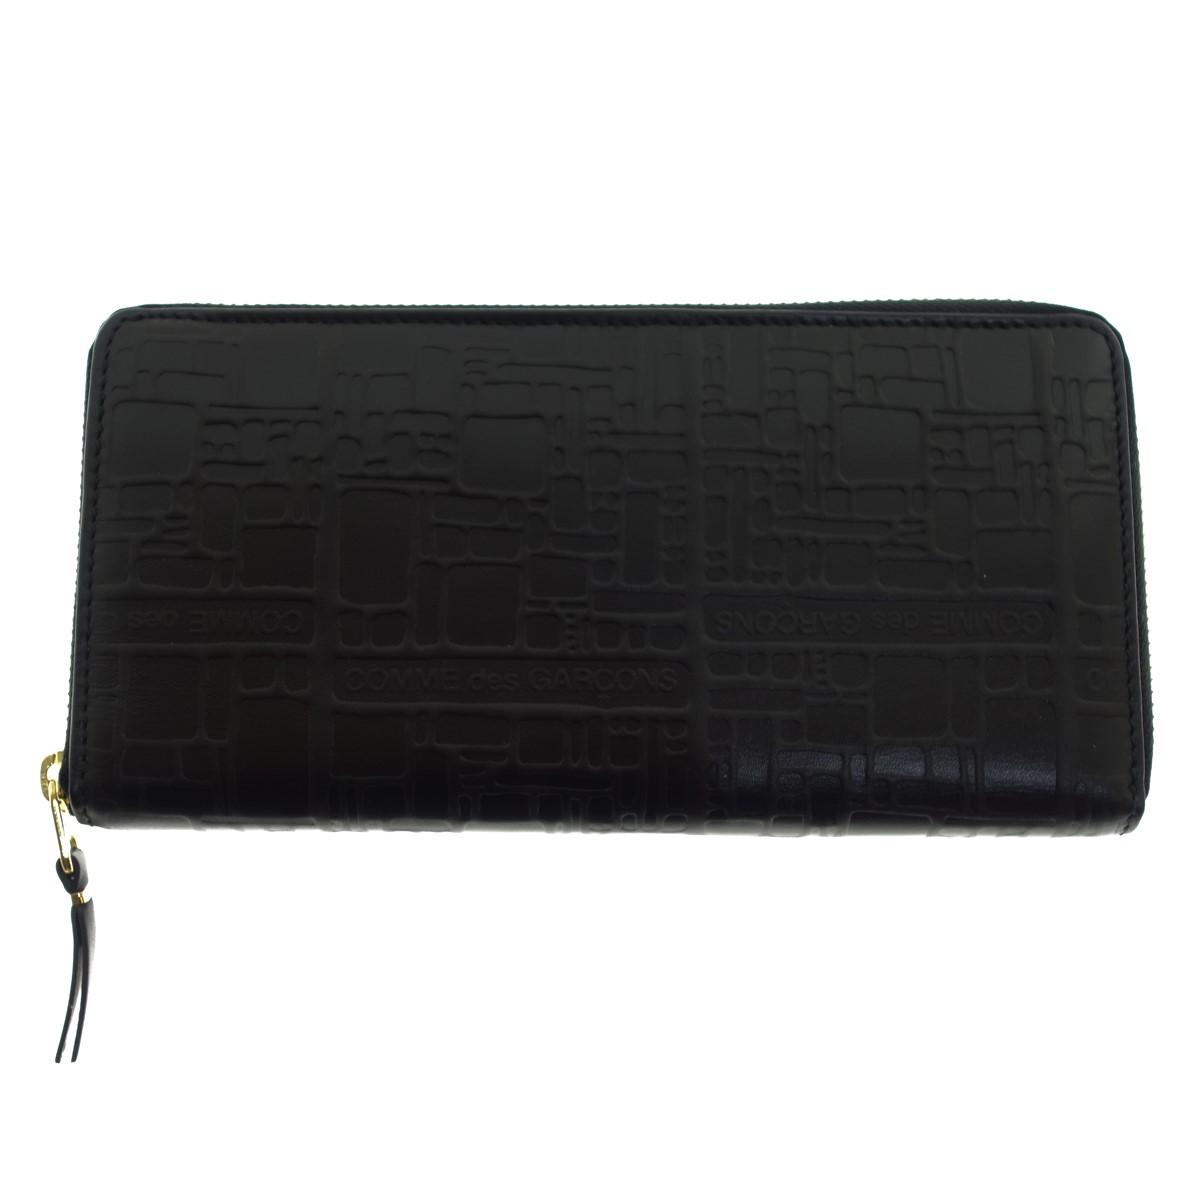 【中古】COMME des GARCONS エンボスロゴ ラウンドジップ長財布 ブラック 【300320】(コムデギャルソン)